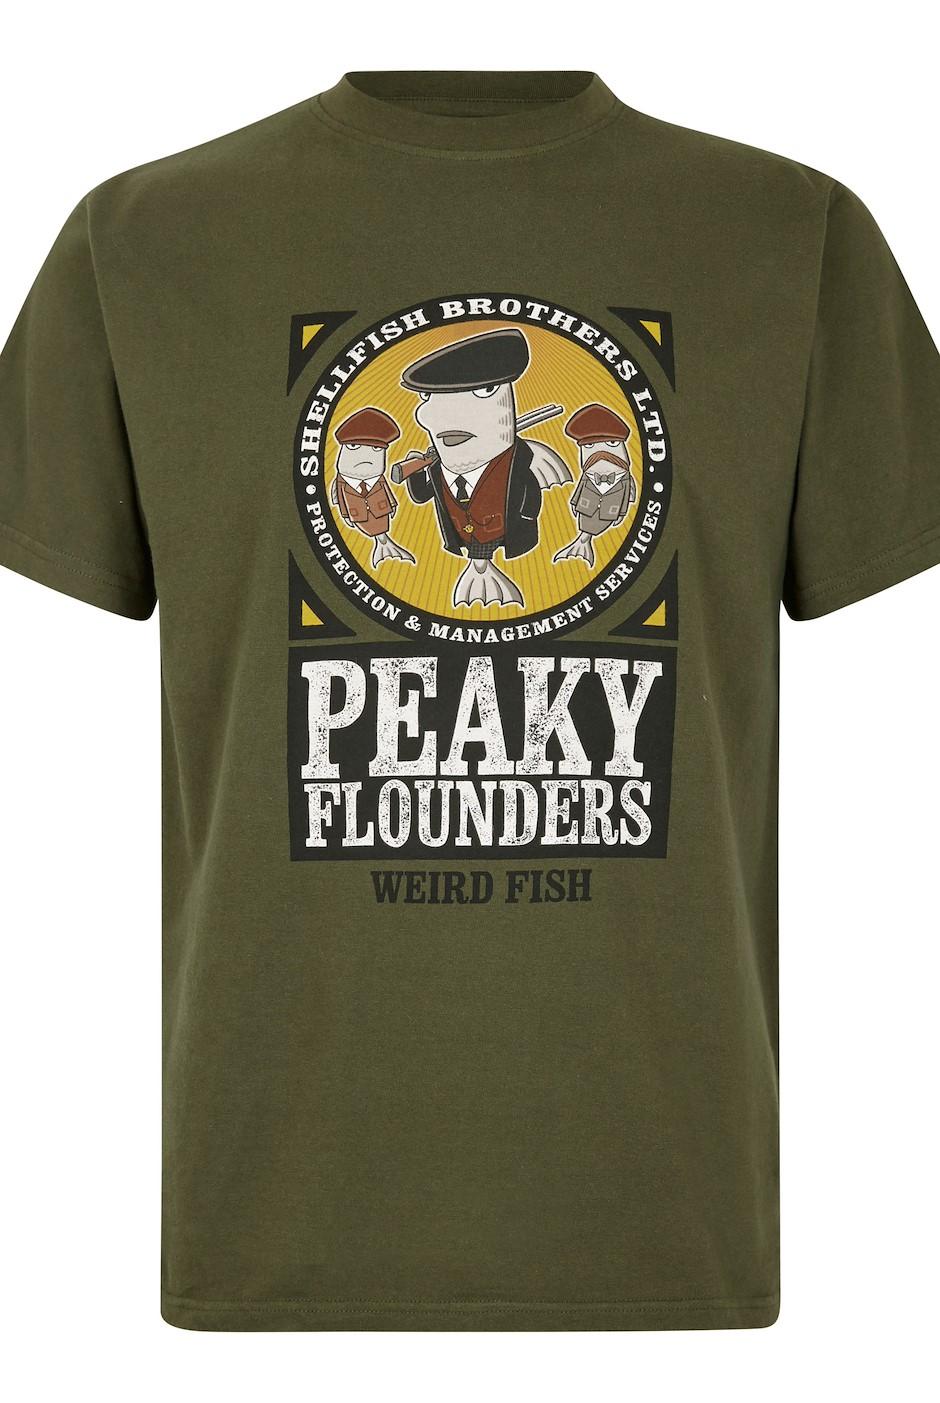 Peaky Flounders Artist T-Shirt Dark Olive